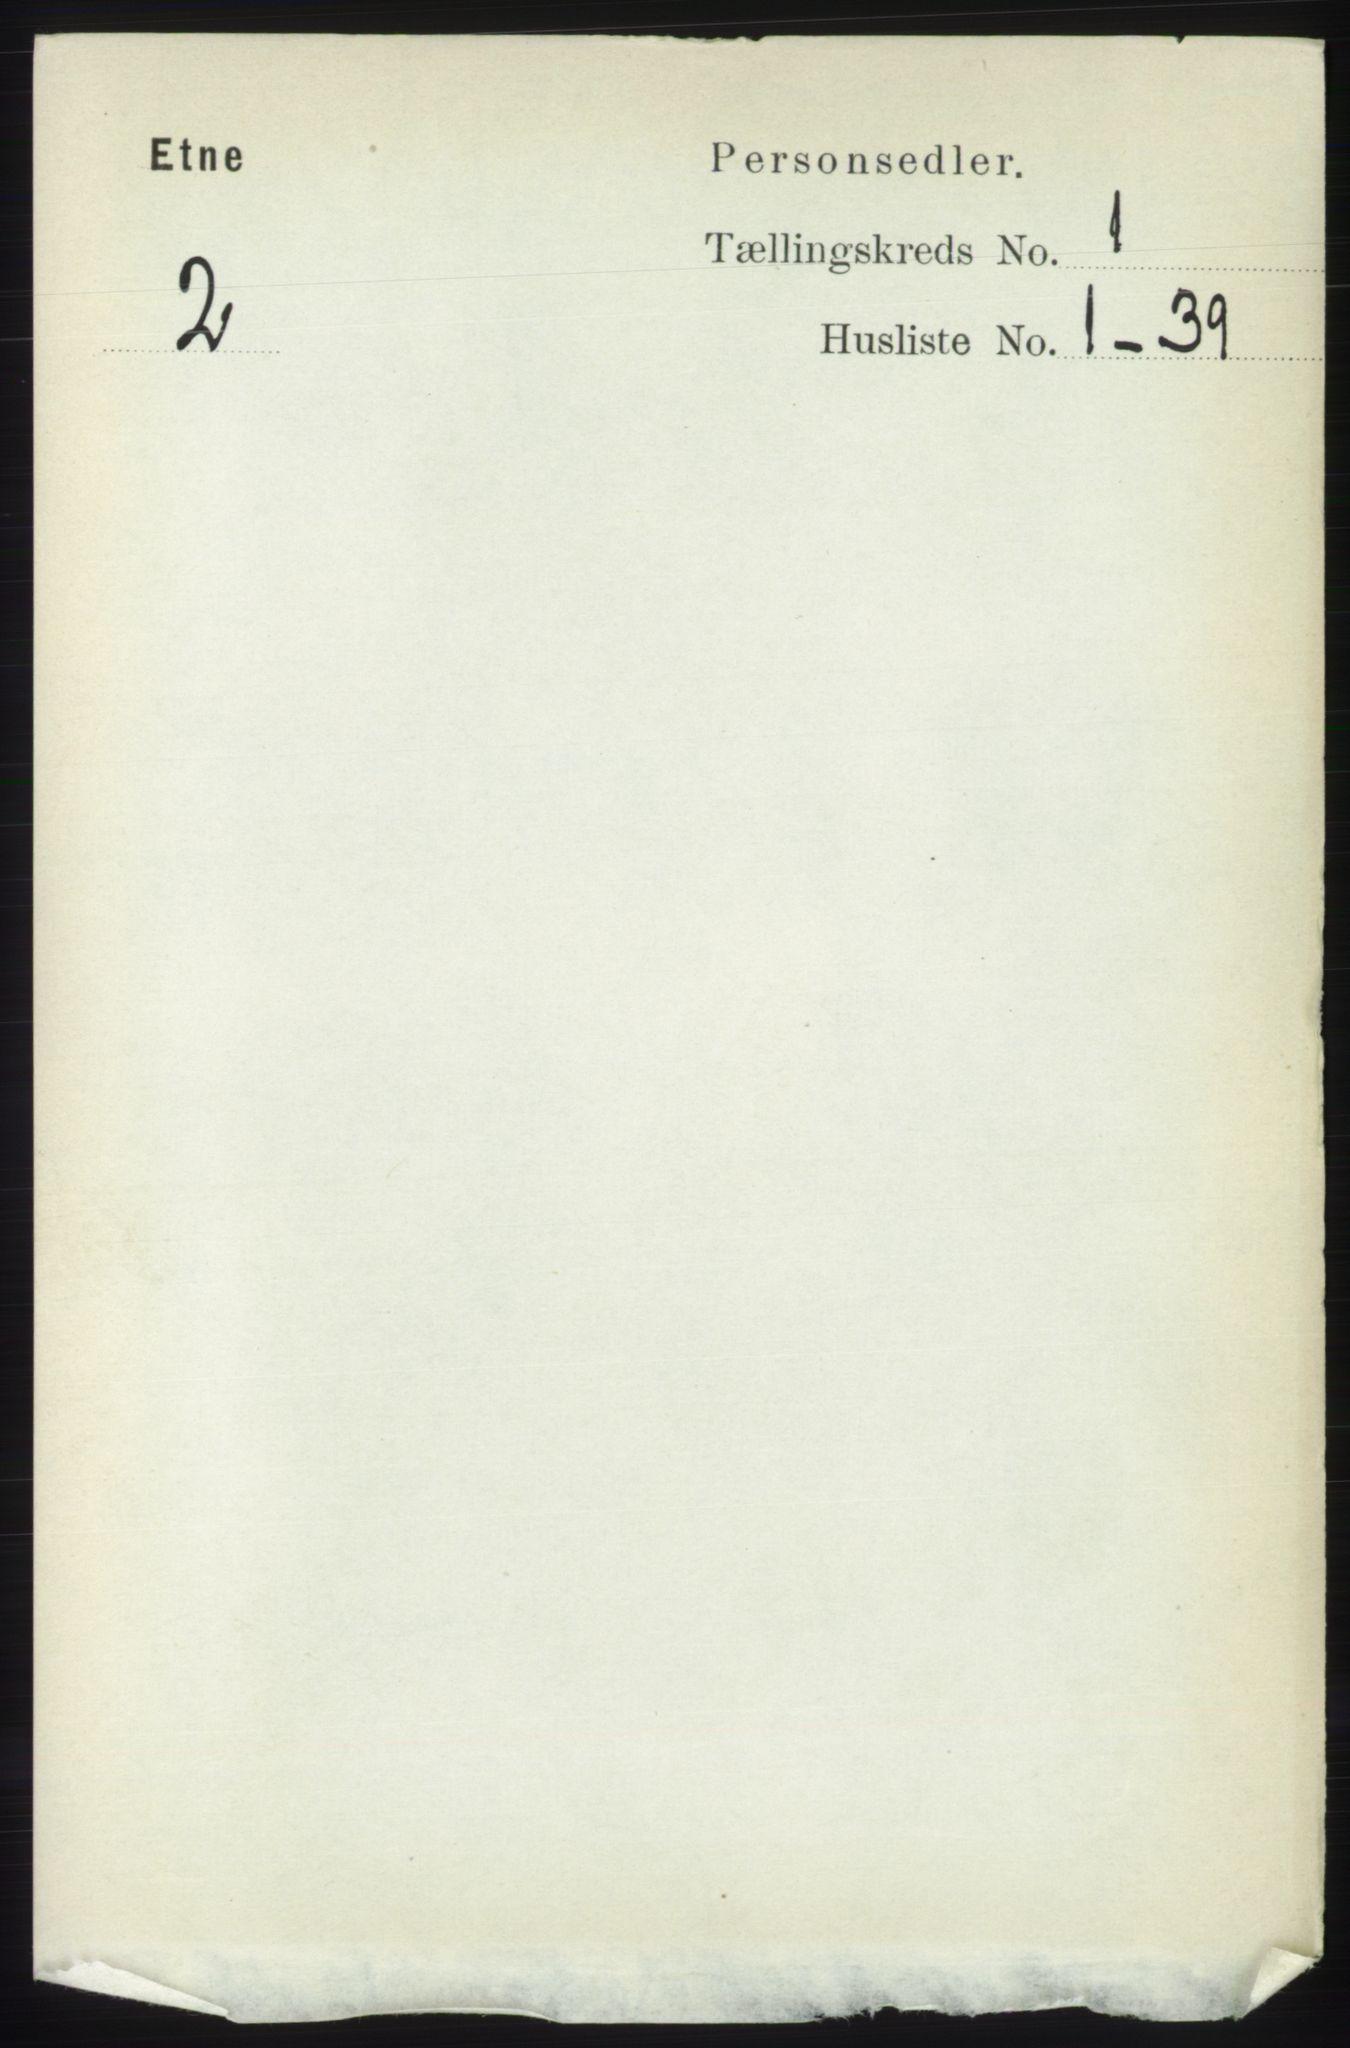 RA, Folketelling 1891 for 1211 Etne herred, 1891, s. 79